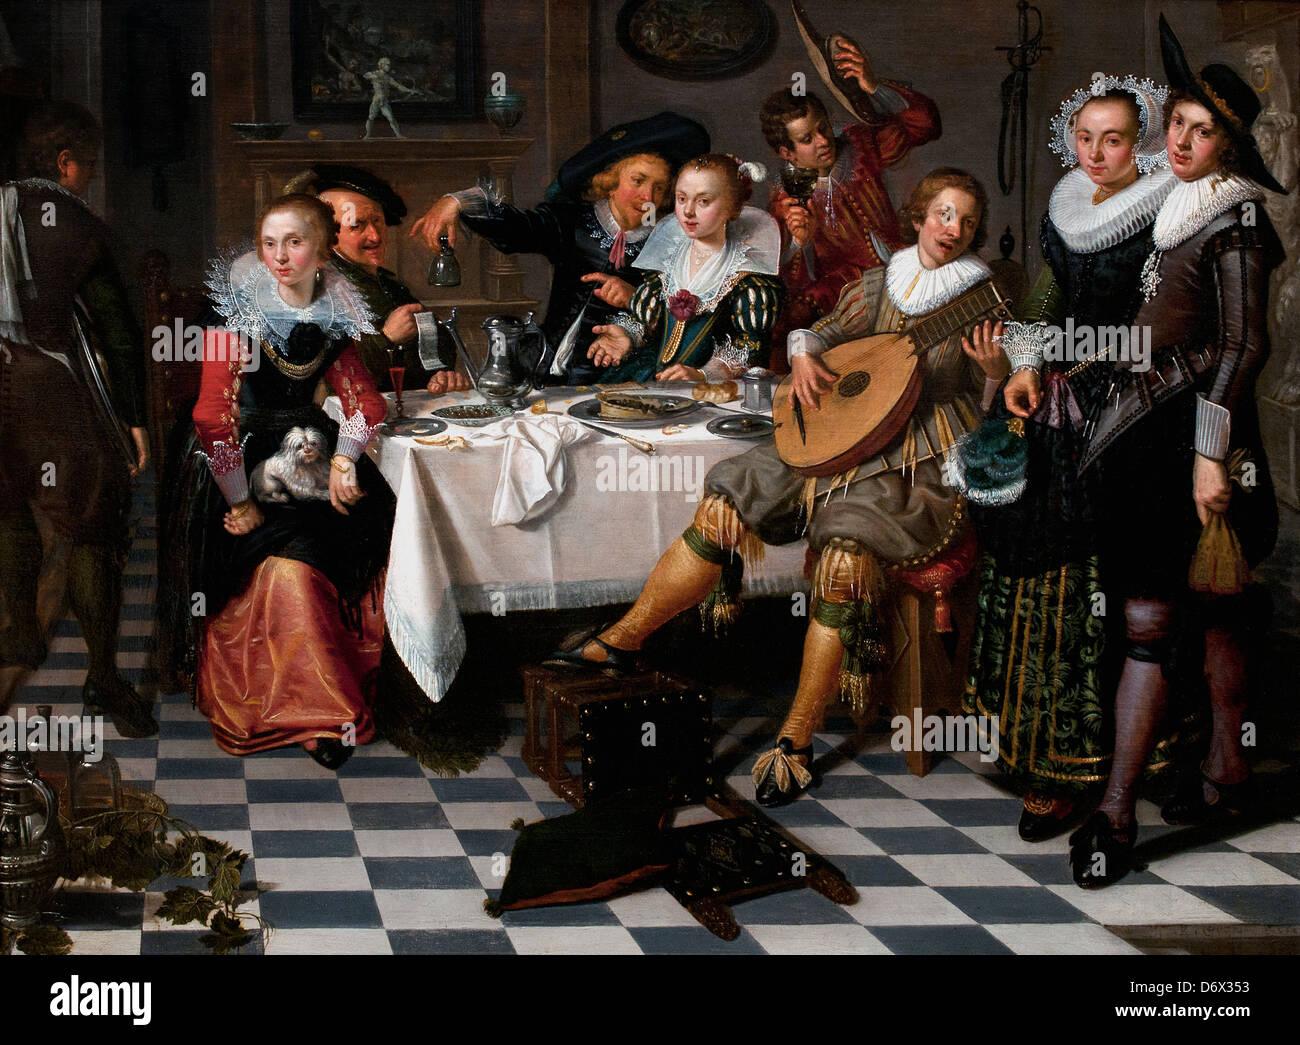 Mery Company 1629 Isack Elyas Holanda Holandesa Imagen De Stock